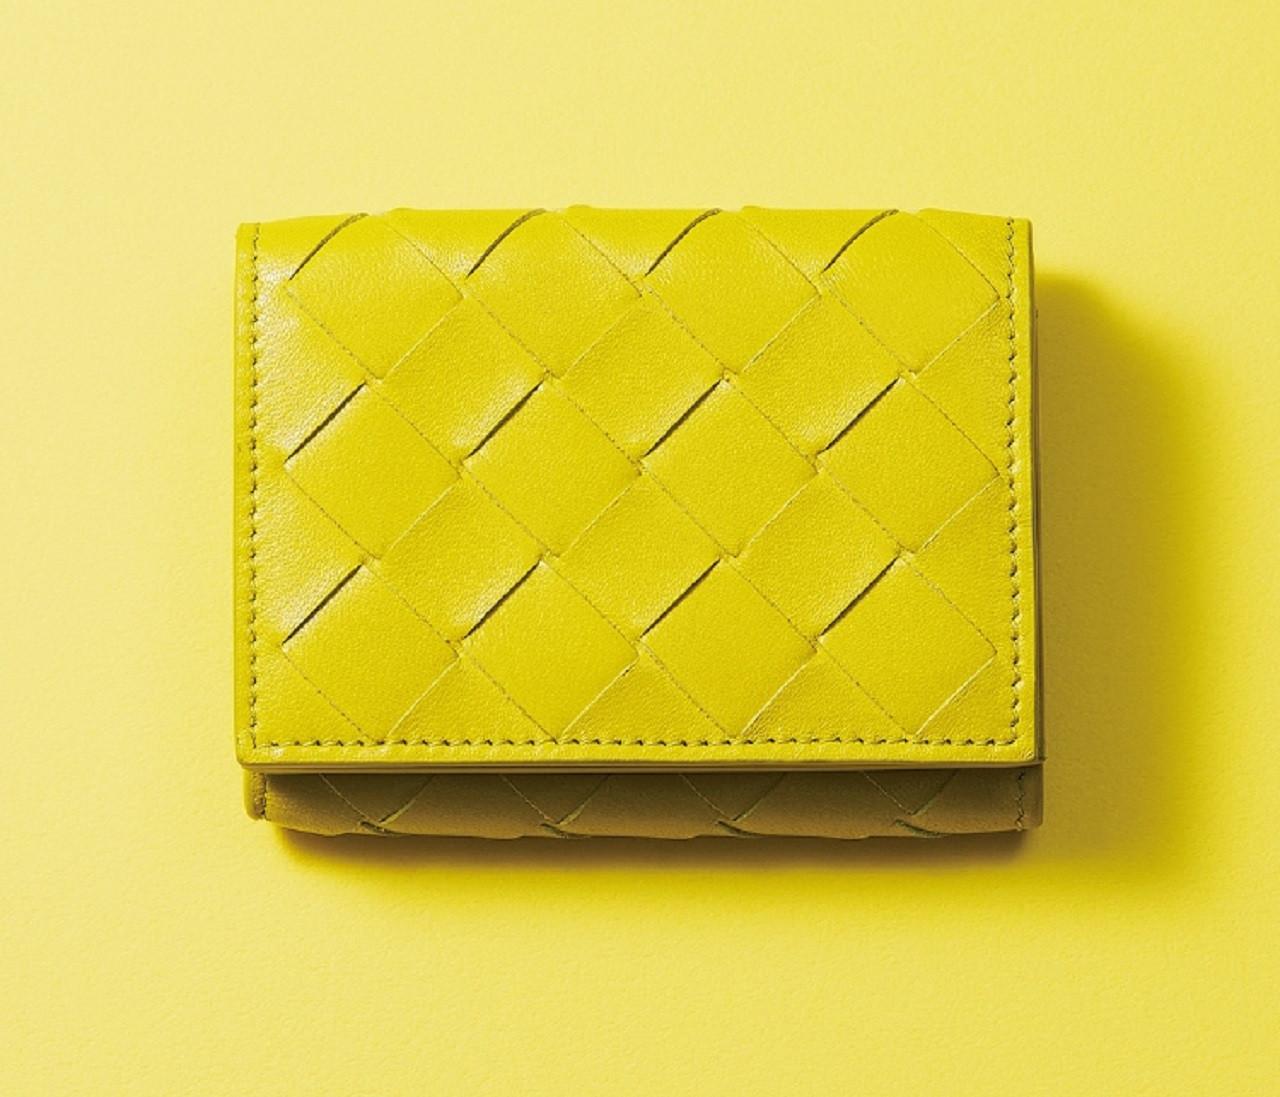 ロエベ、ディオール、ボッテガ…ハイブランドのミニ財布、きれい色系4選【30代の新名品】